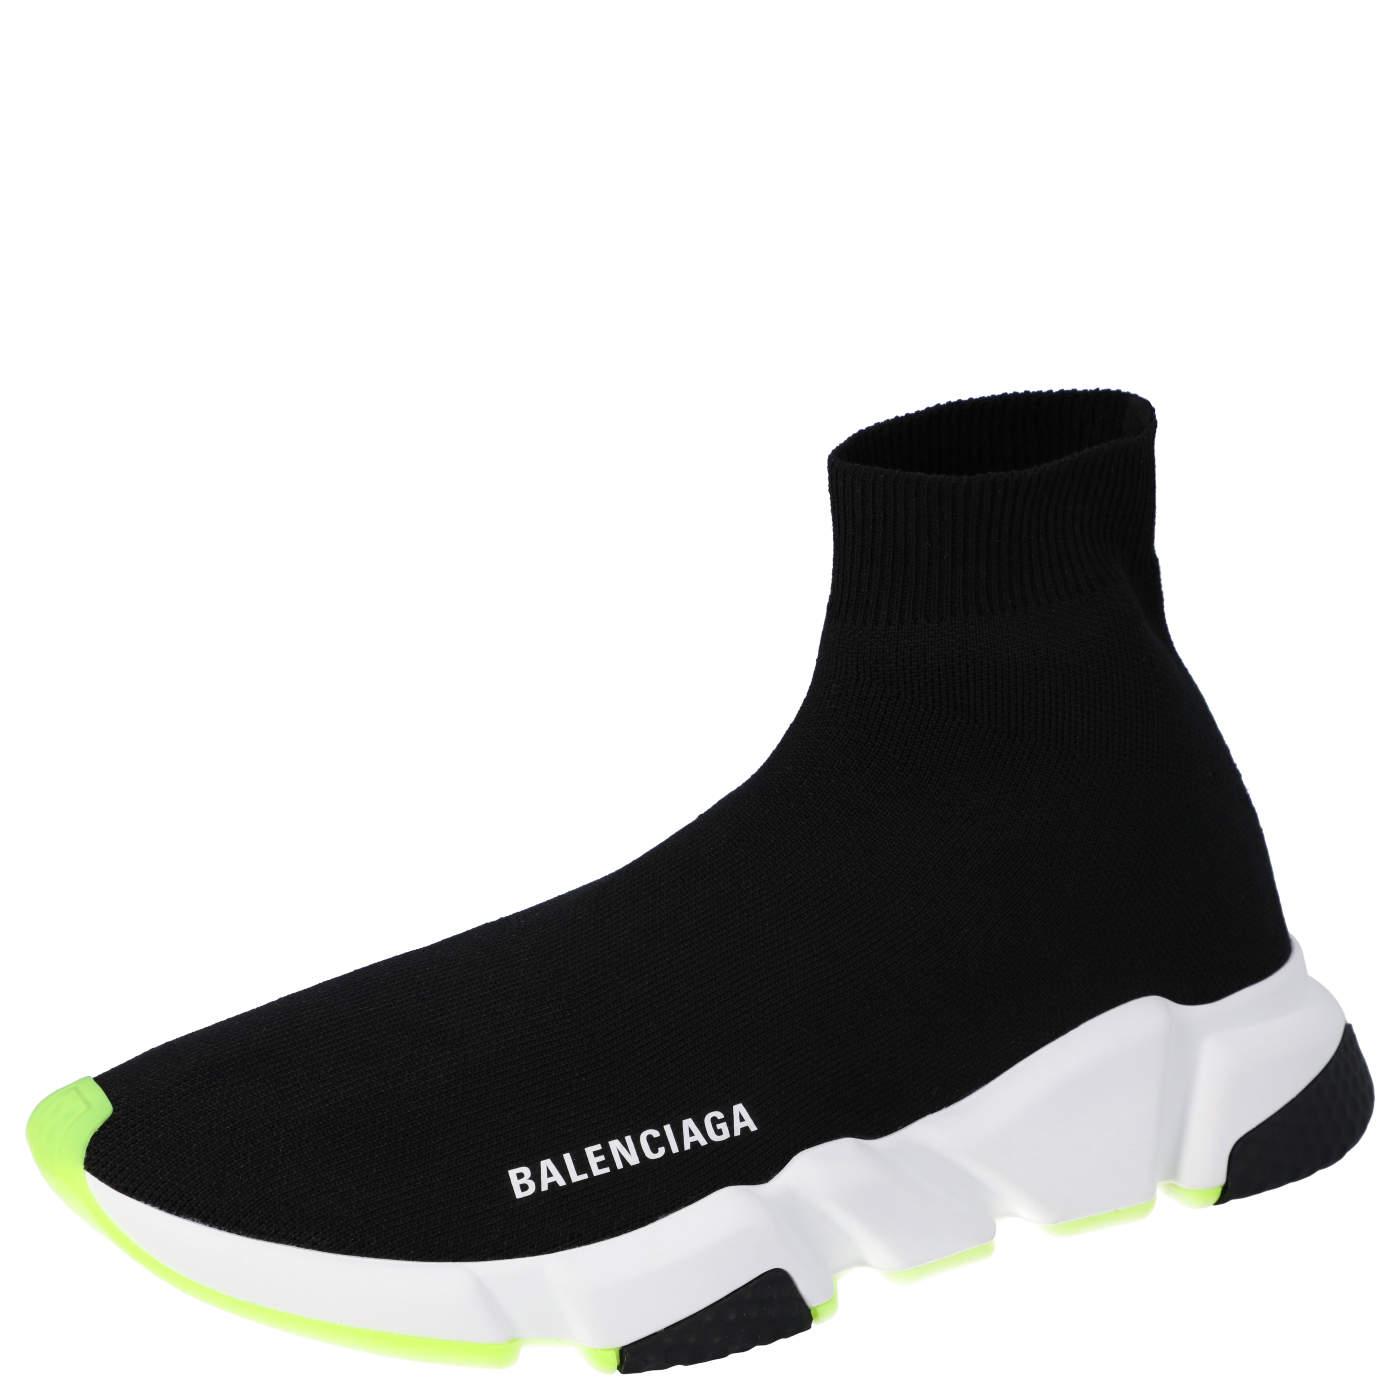 Balenciaga Black/Neon Green Knit Speed High Top Sneakers Size EU 42